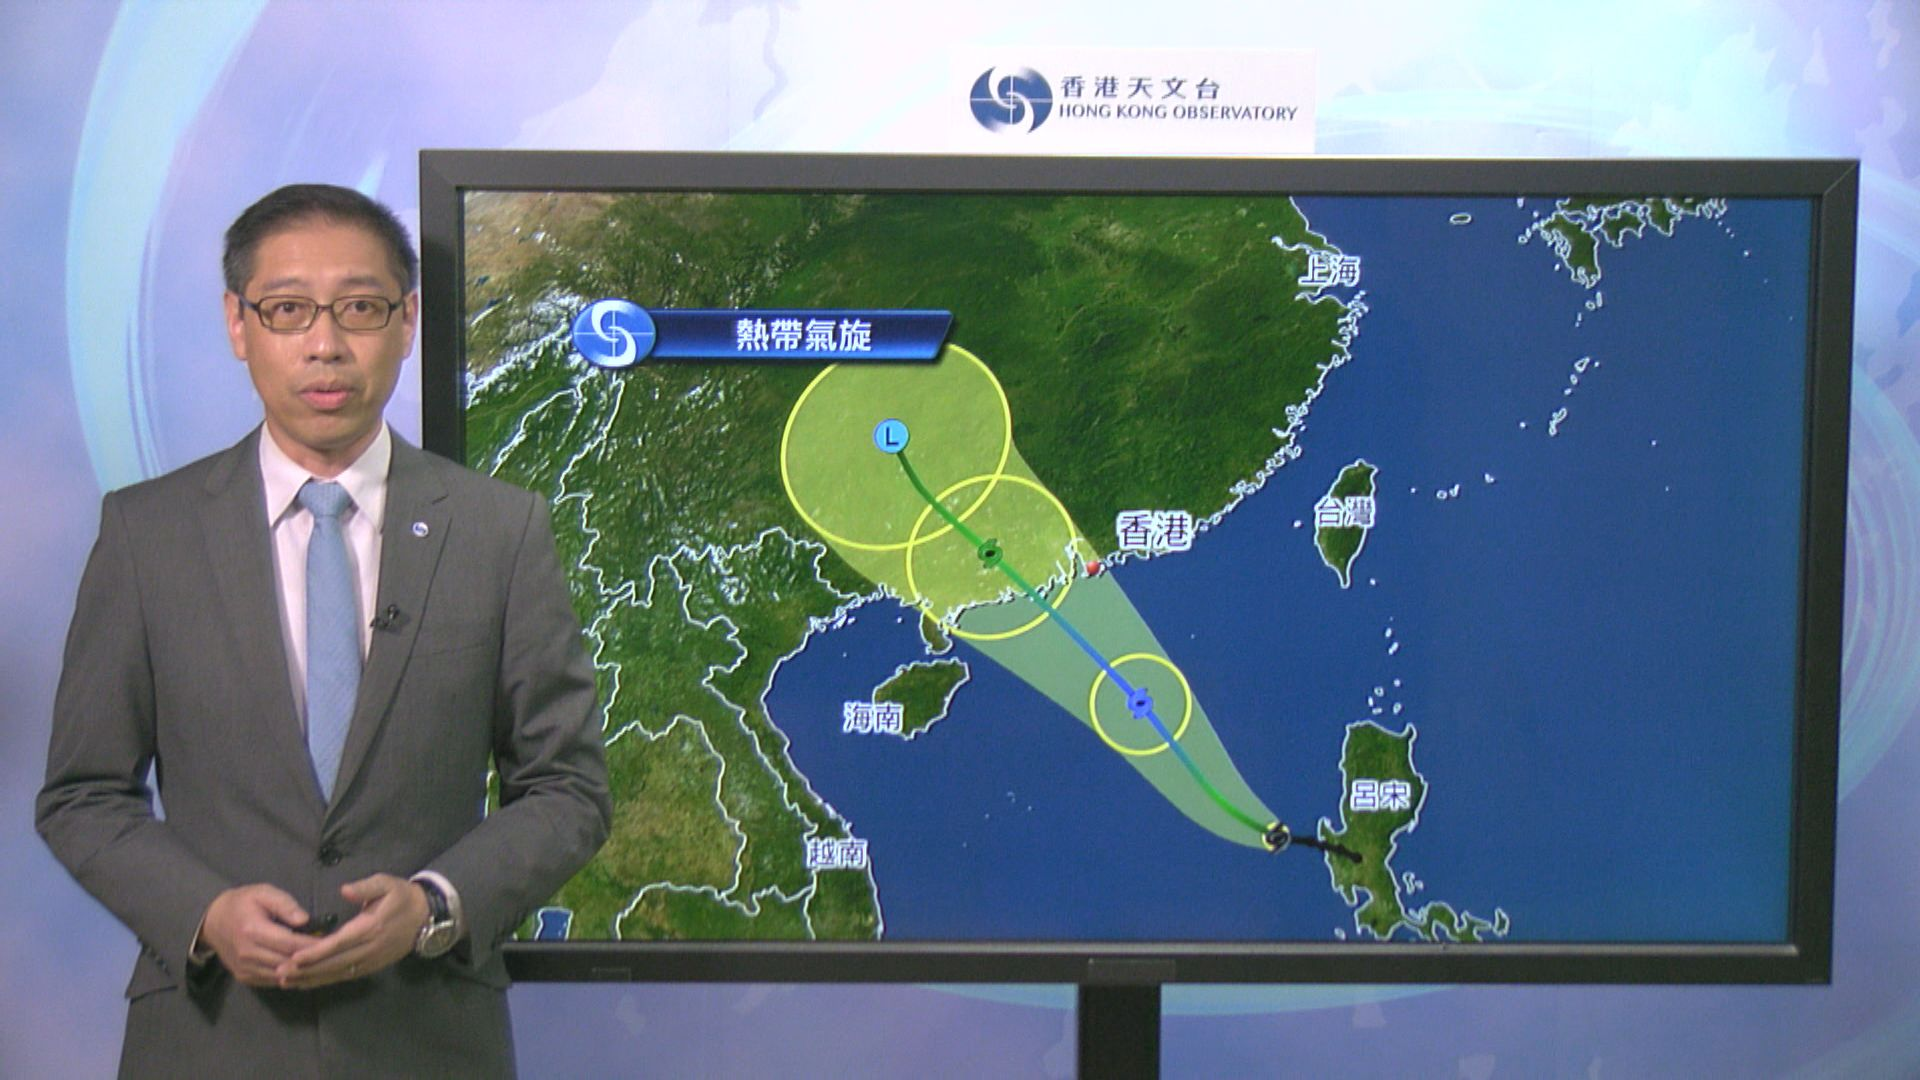 天文台今晚會發熱帶氣旋警告 料周日有狂風驟雨